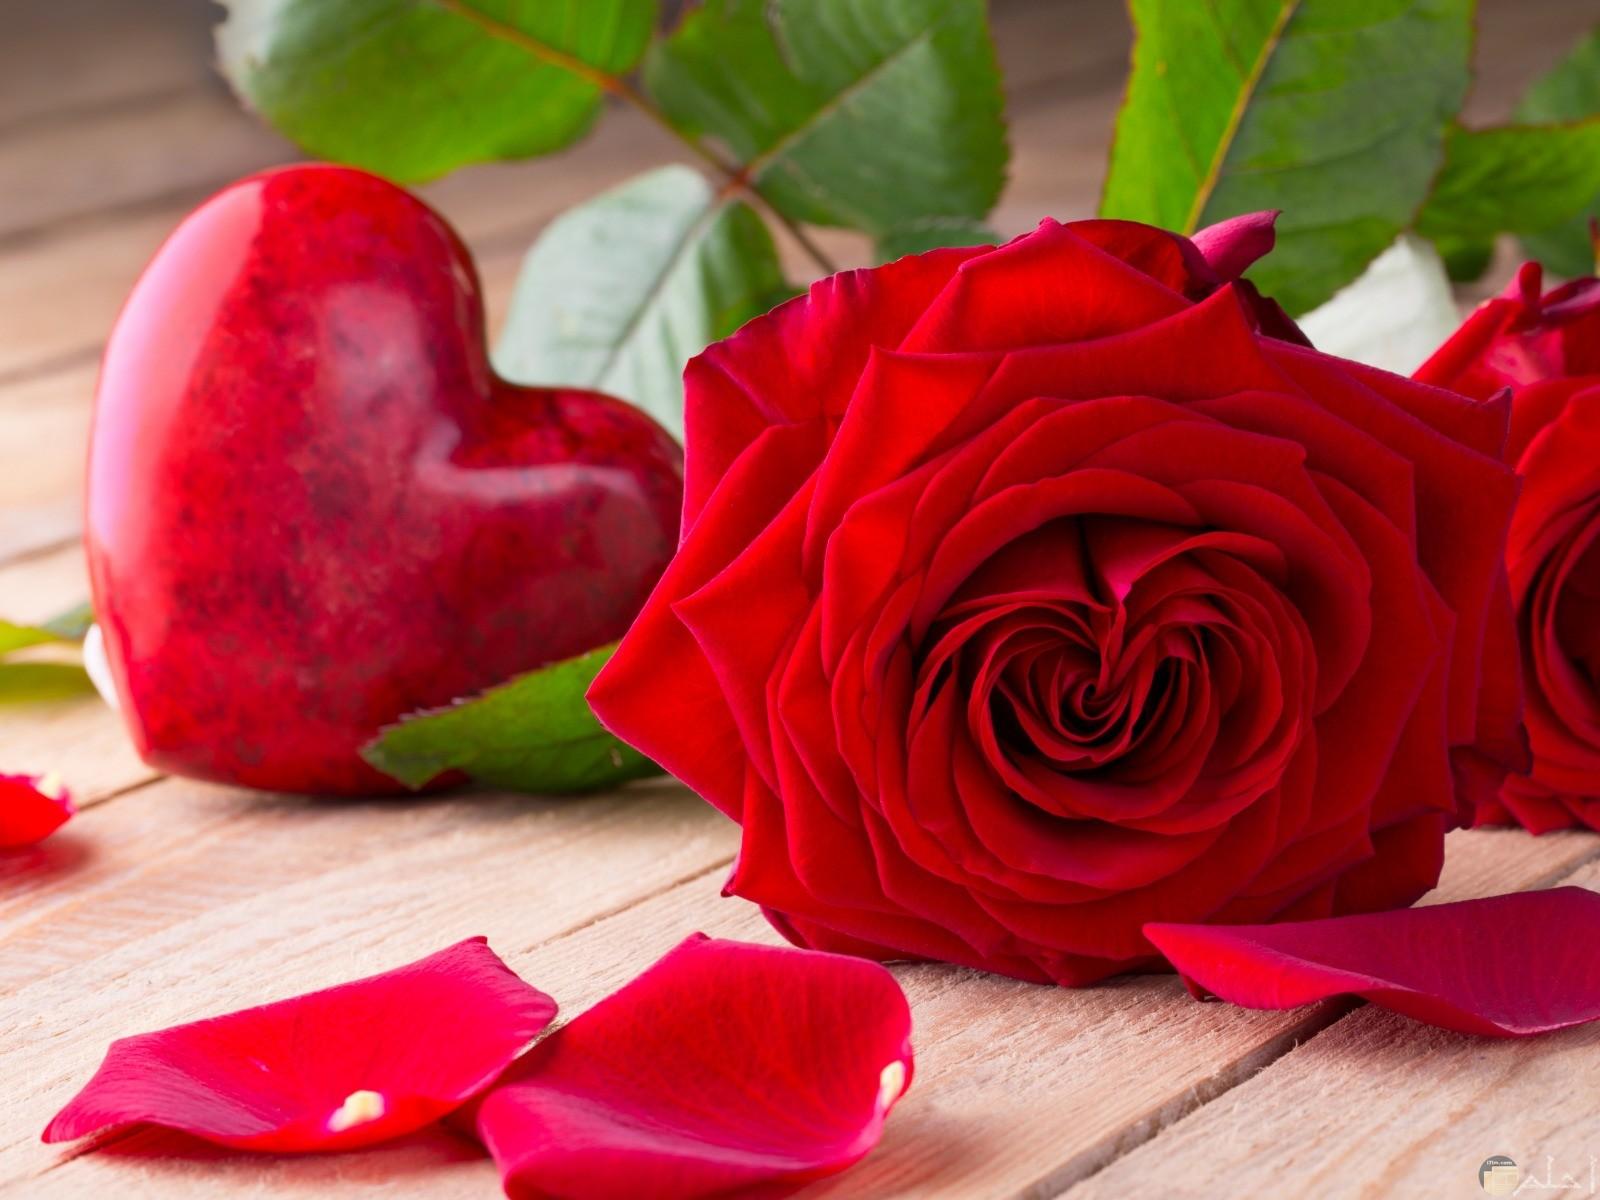 ورد احمر و قلب تعبيراً للحب.